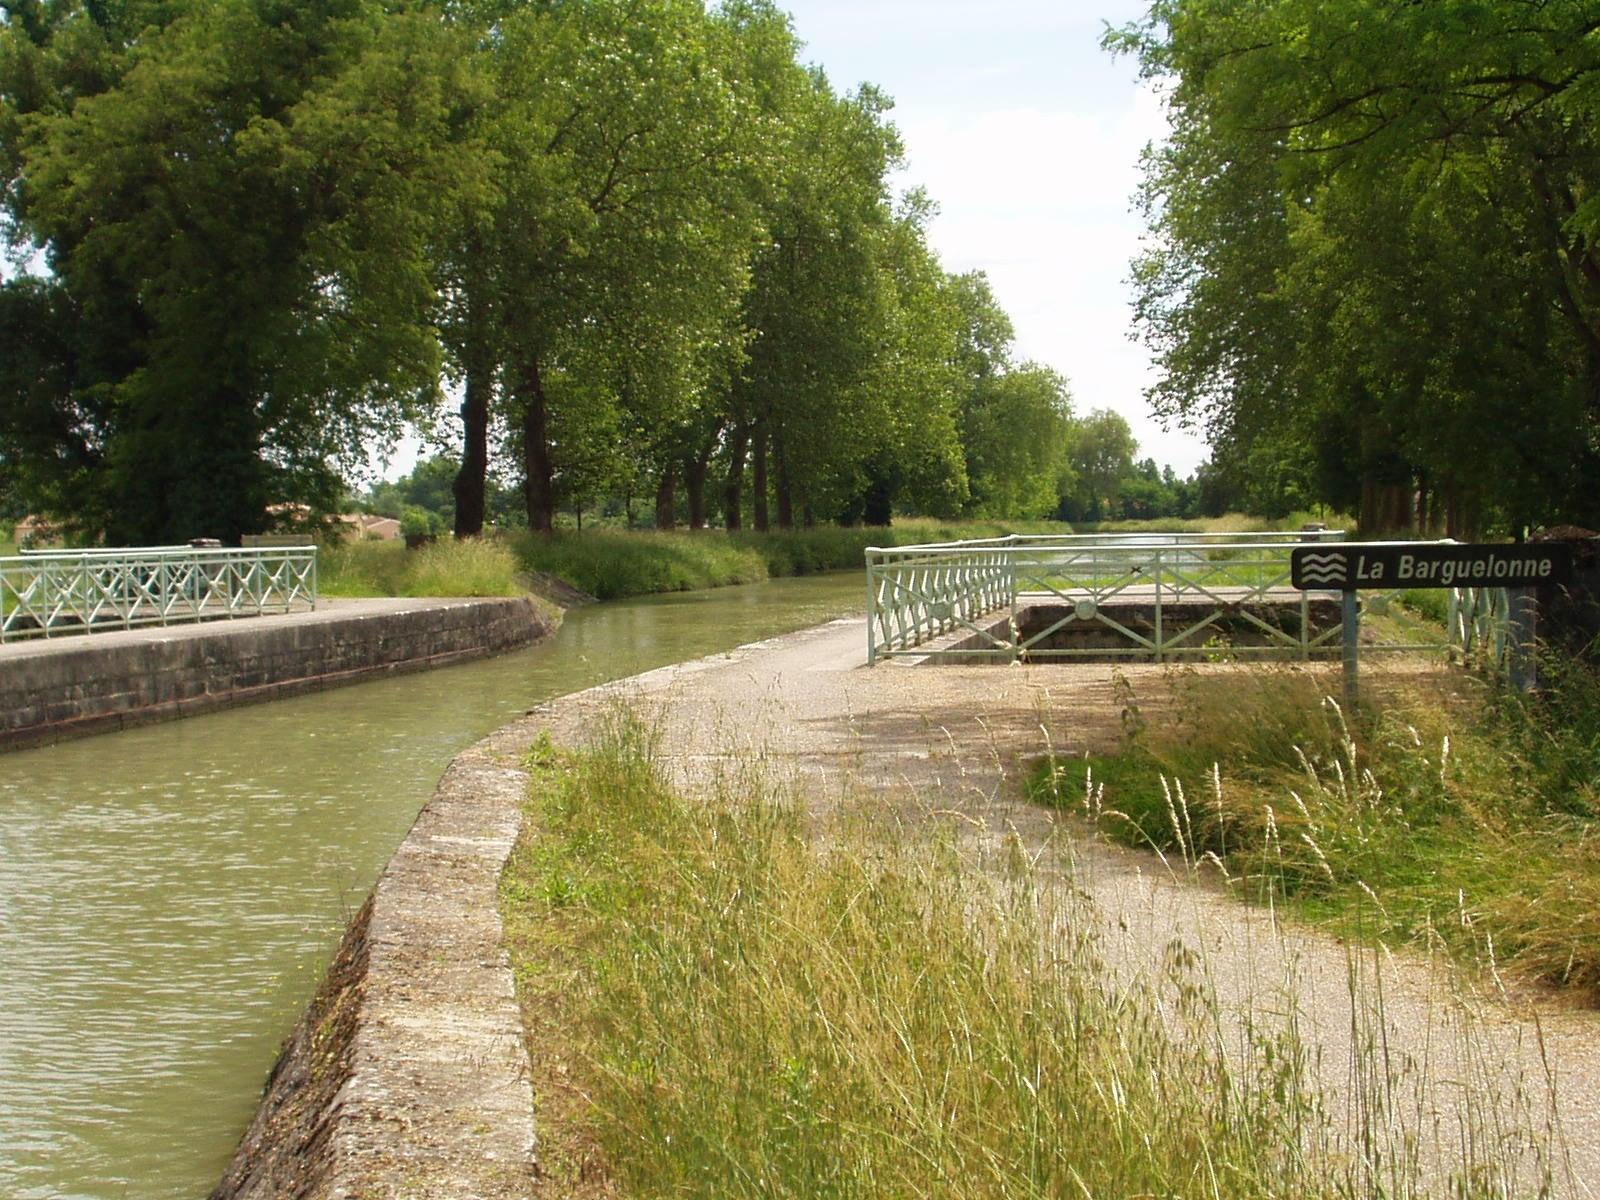 En arrivant sur le pont de Barguelonne. (Dept 47)